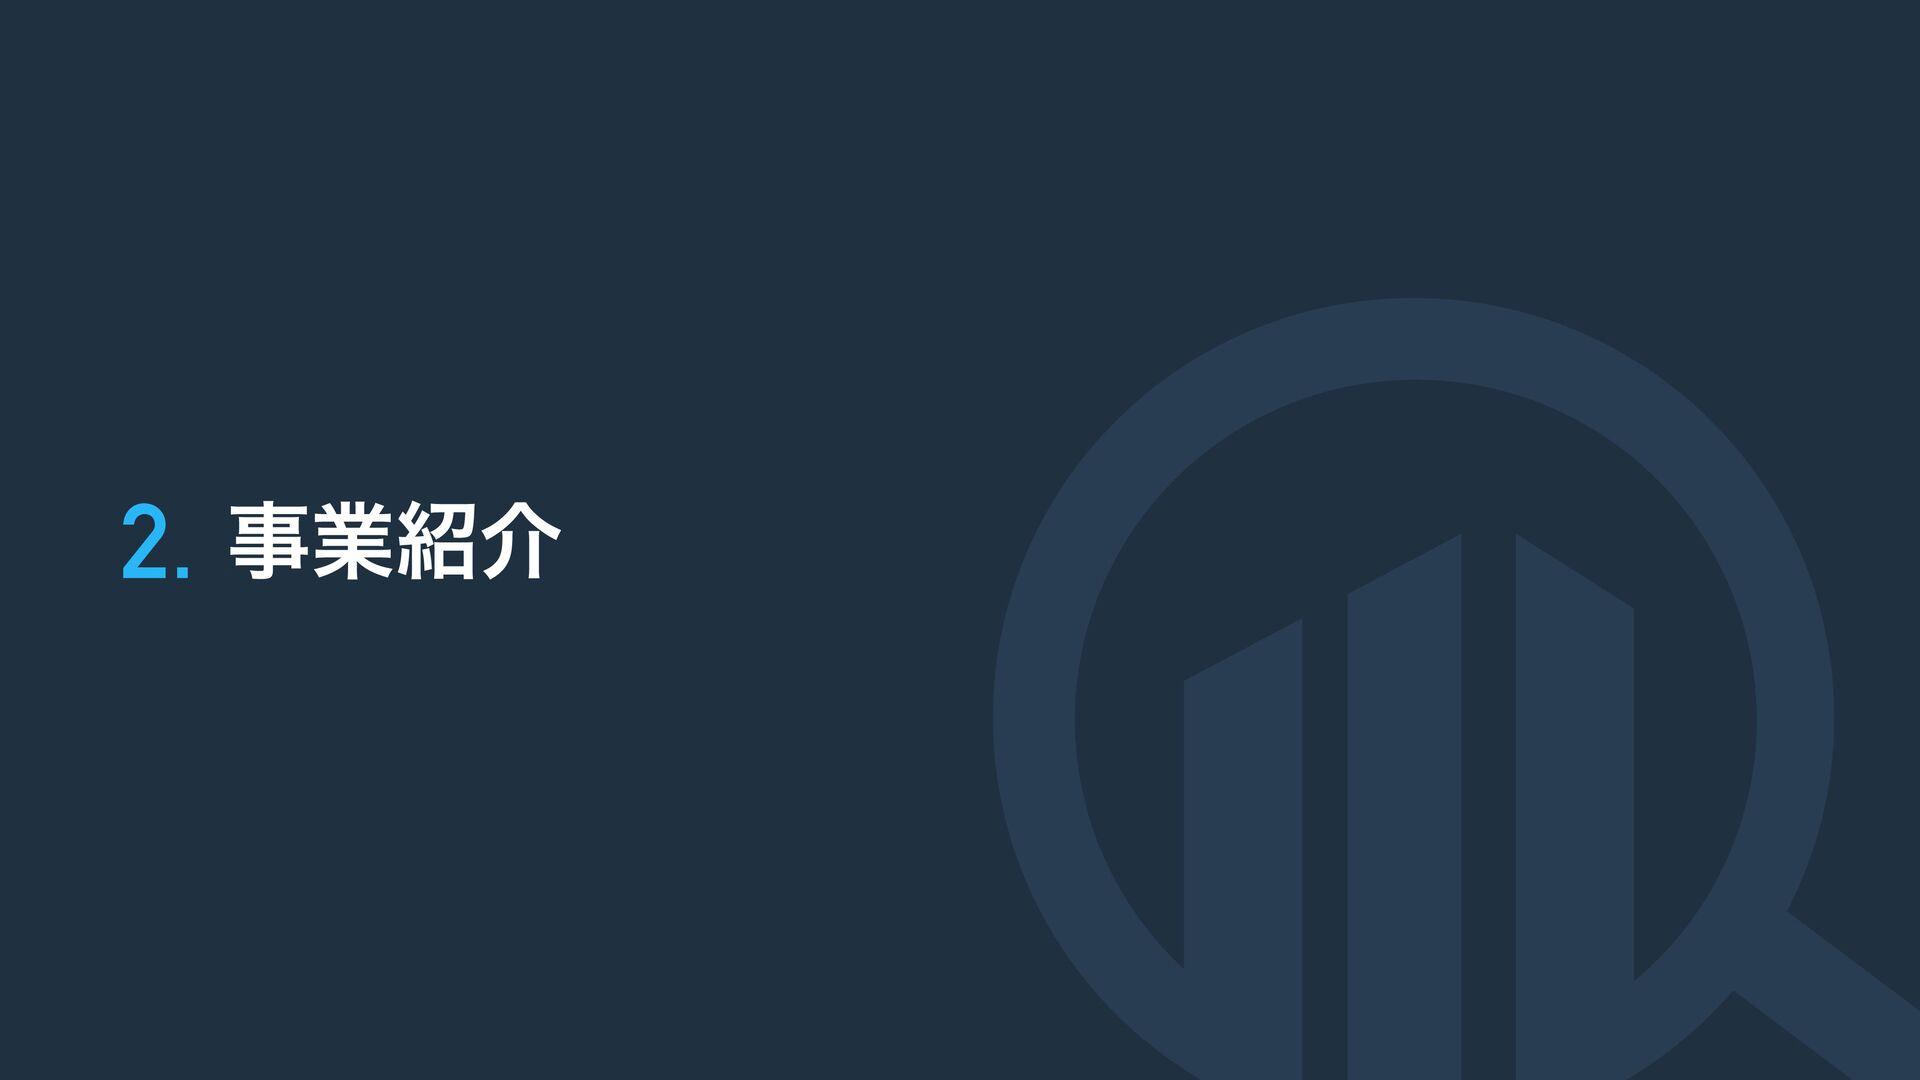 2. 事業紹介